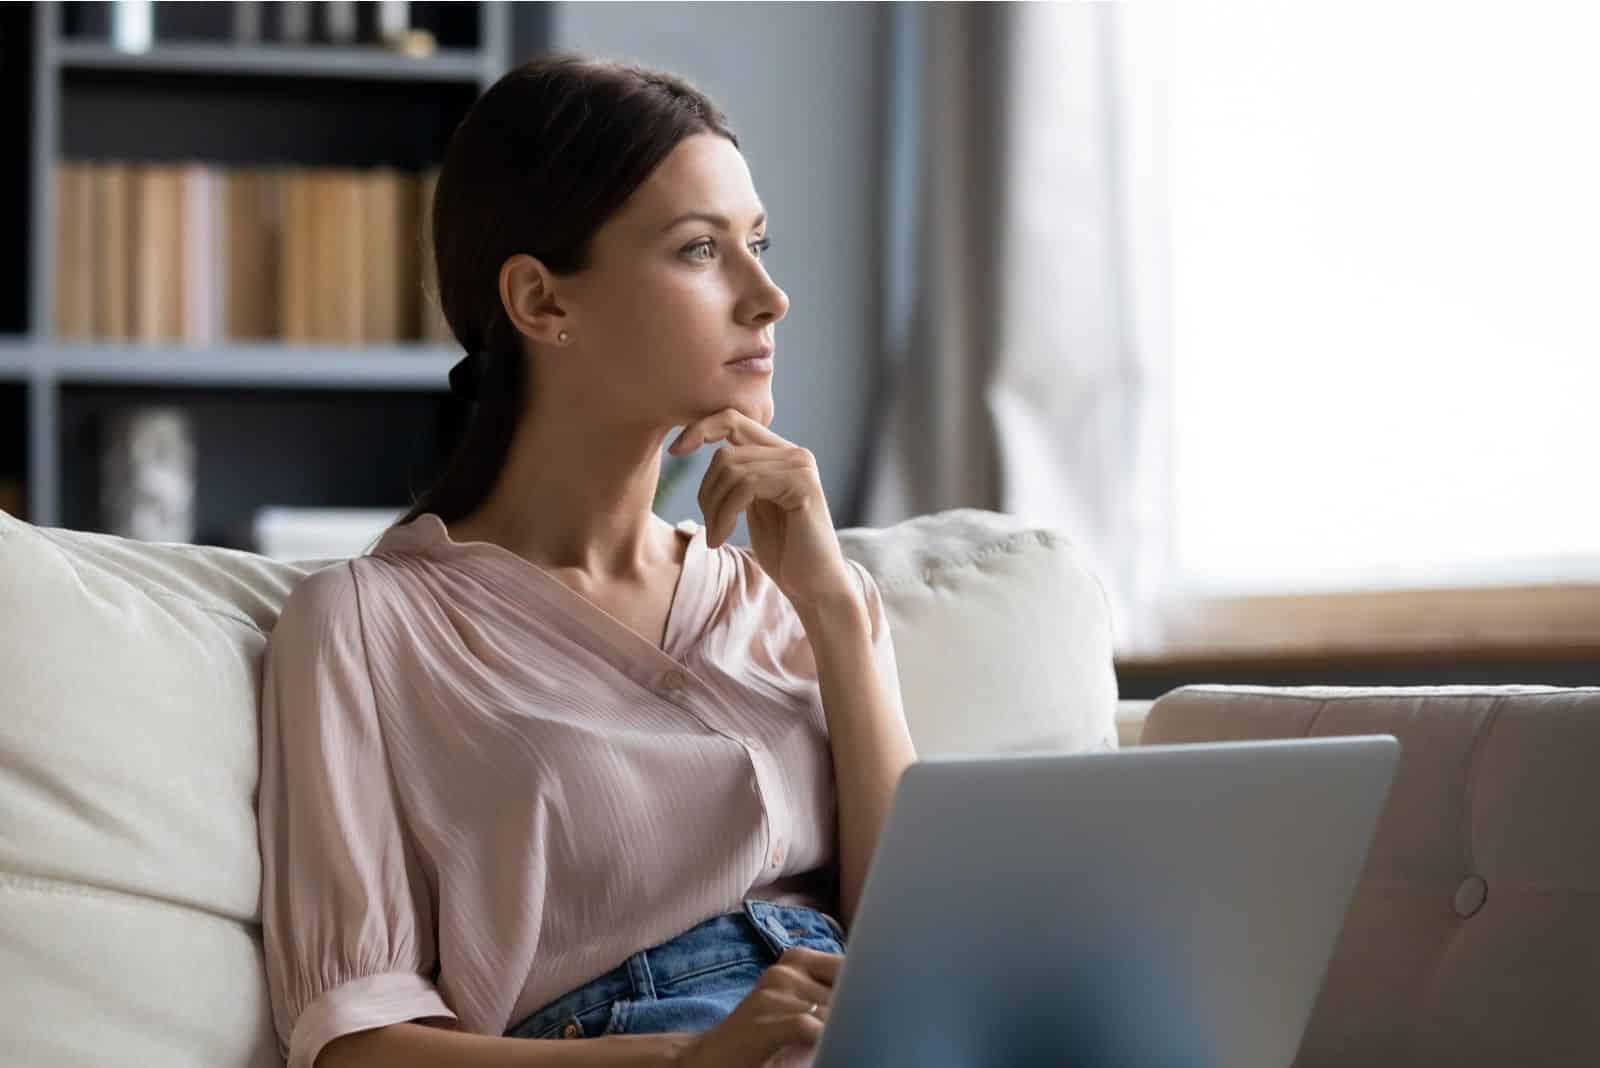 Abgelenkt von der Arbeit besorgte junge Frau, die mit Laptop auf der Couch sitzt und an Probleme denkt.